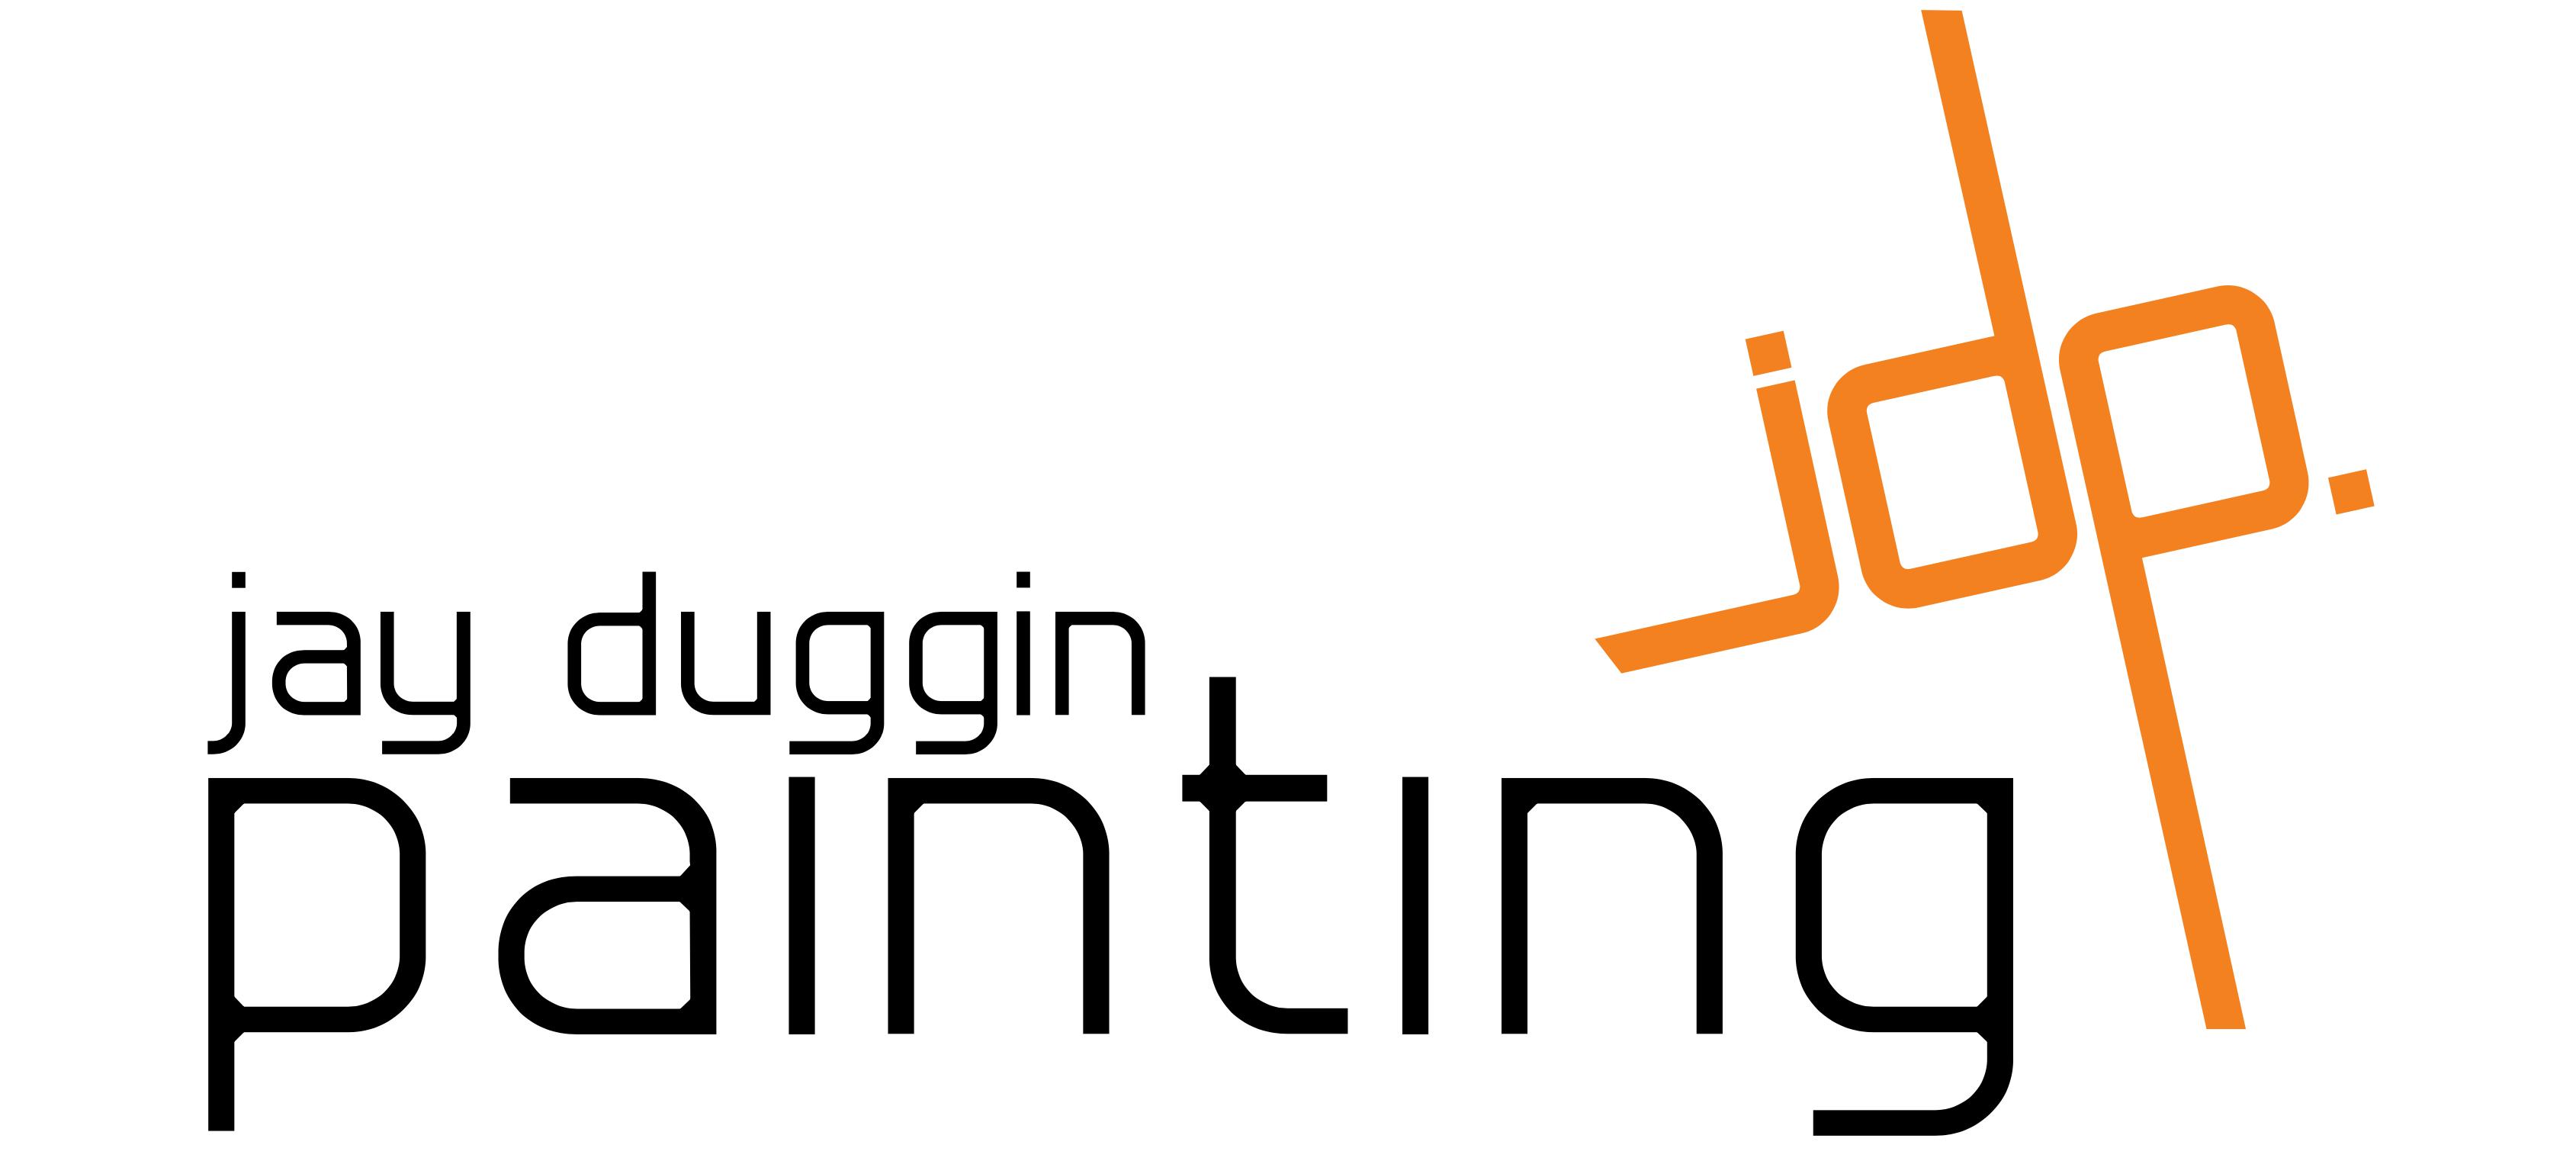 Jay Duggan